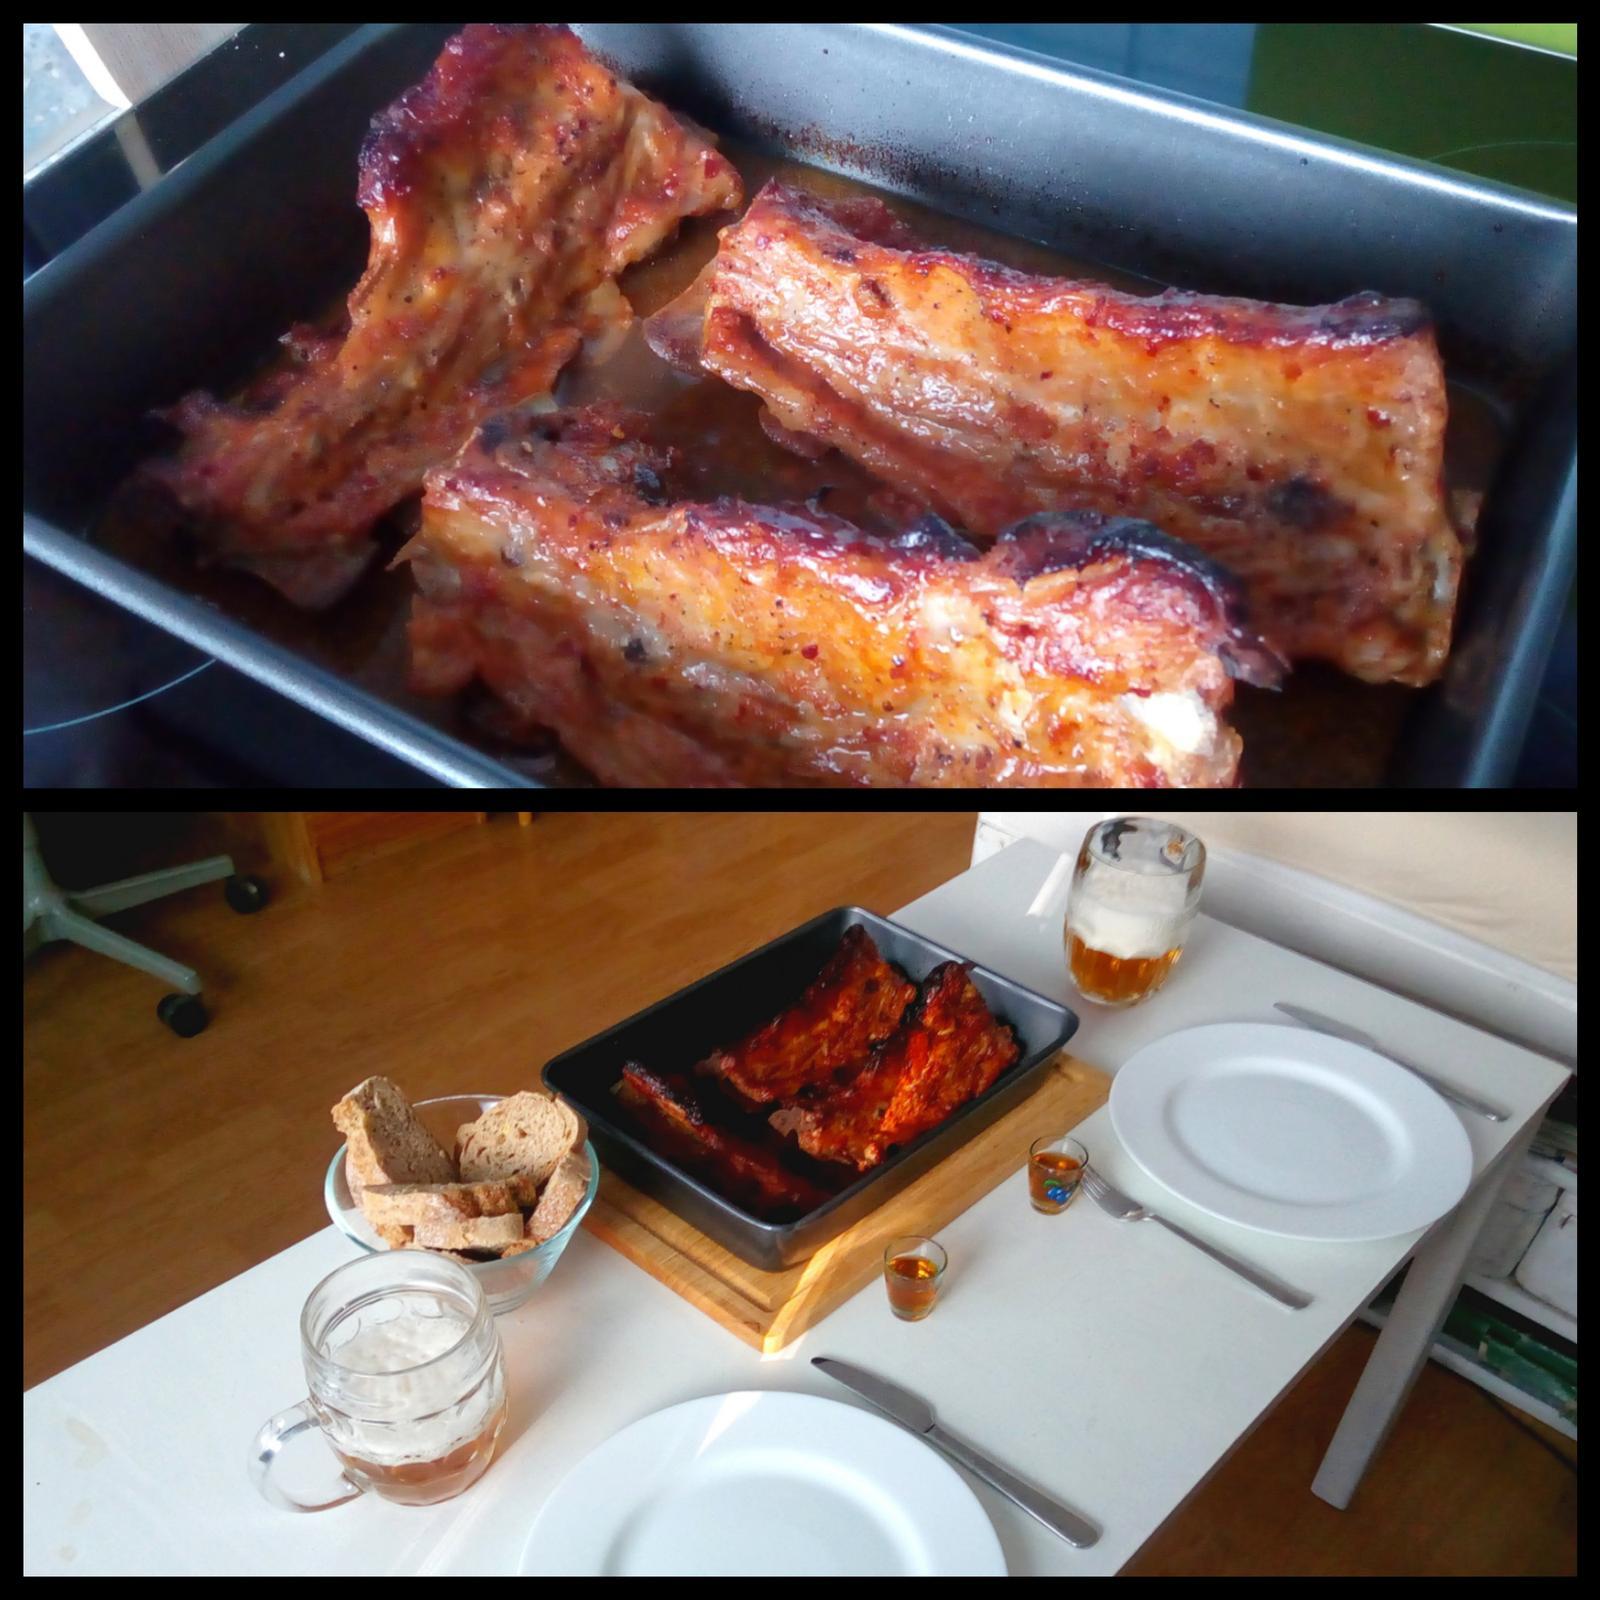 Hokus pokus v kuchyni - můj první pokus o pečená vepřová žebírka v medovo-pikantní marinádě; dobrůtka to byla :-)